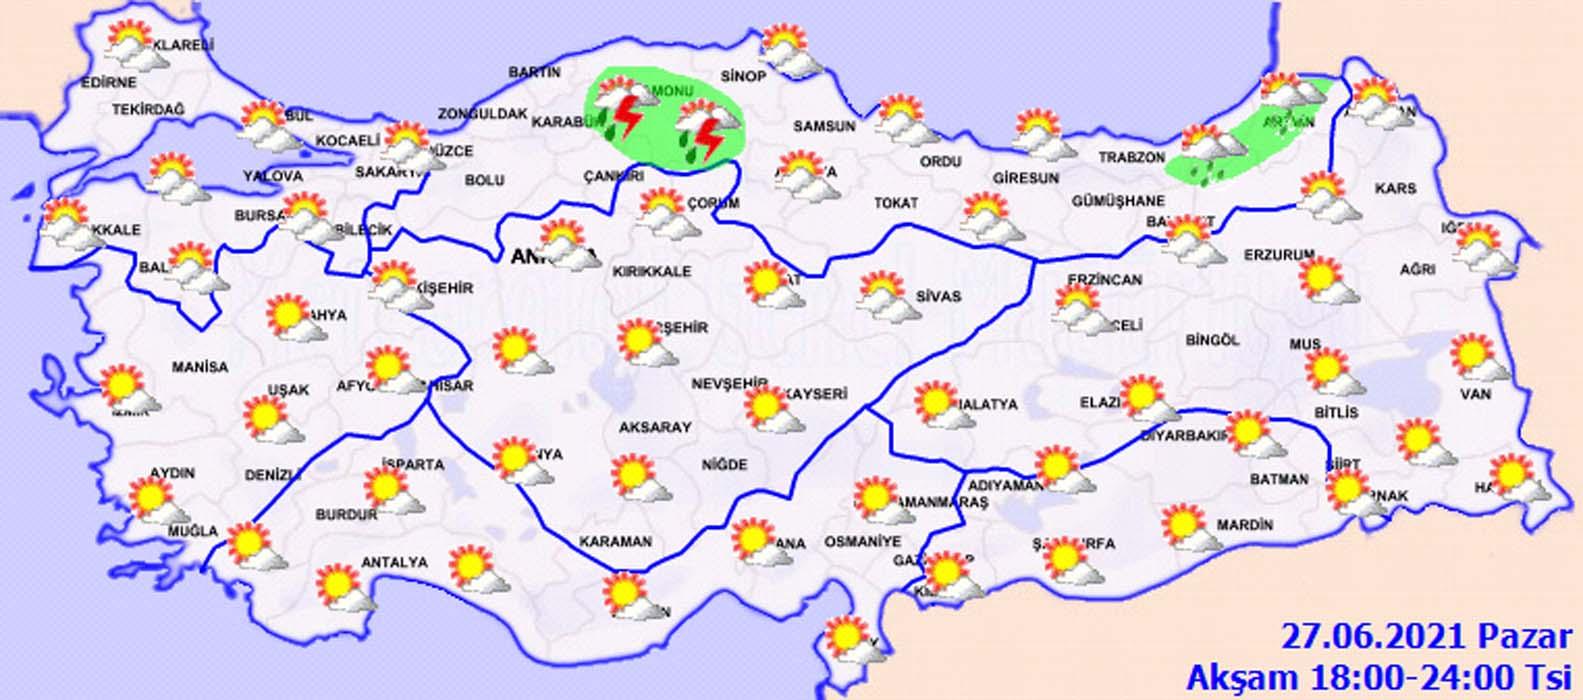 YKS adayları yola sakın şemsiyesiz çıkmayın! Meteoroloji'den İstanbul dahil bir çok il için sağanak uyarısı!